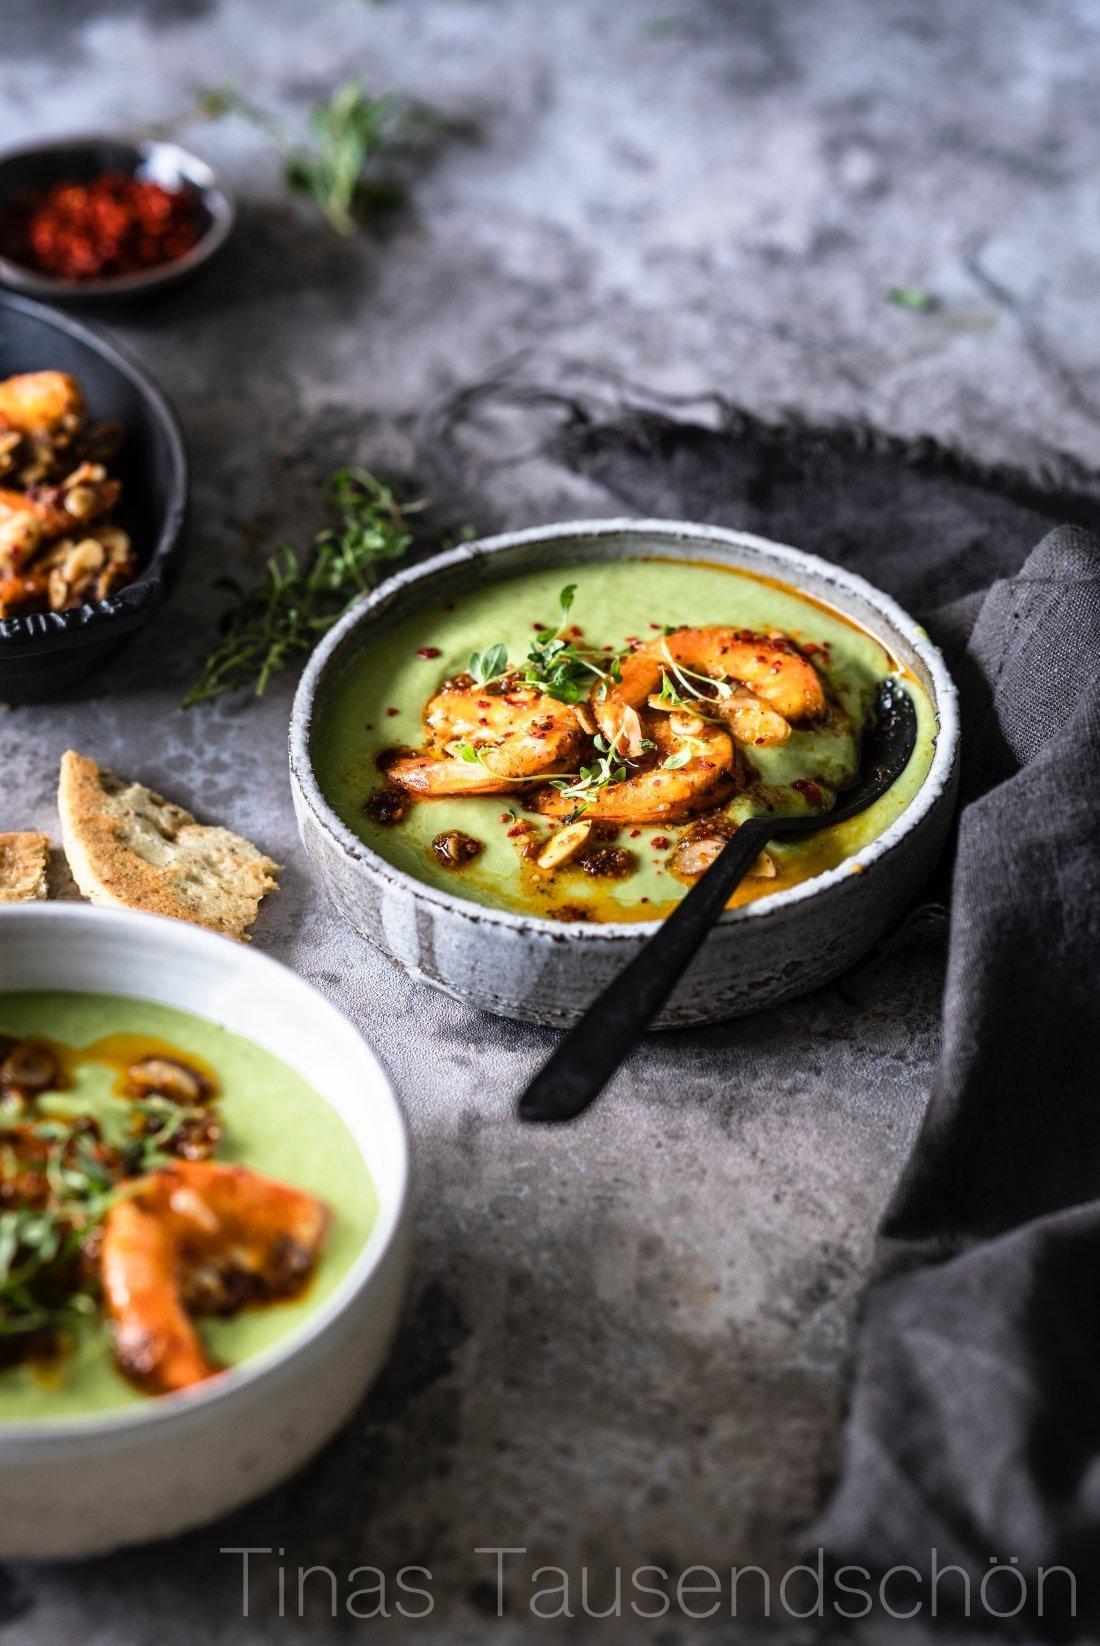 Kalte Avocado Suppe mit Chili Garnelen und Mandeln